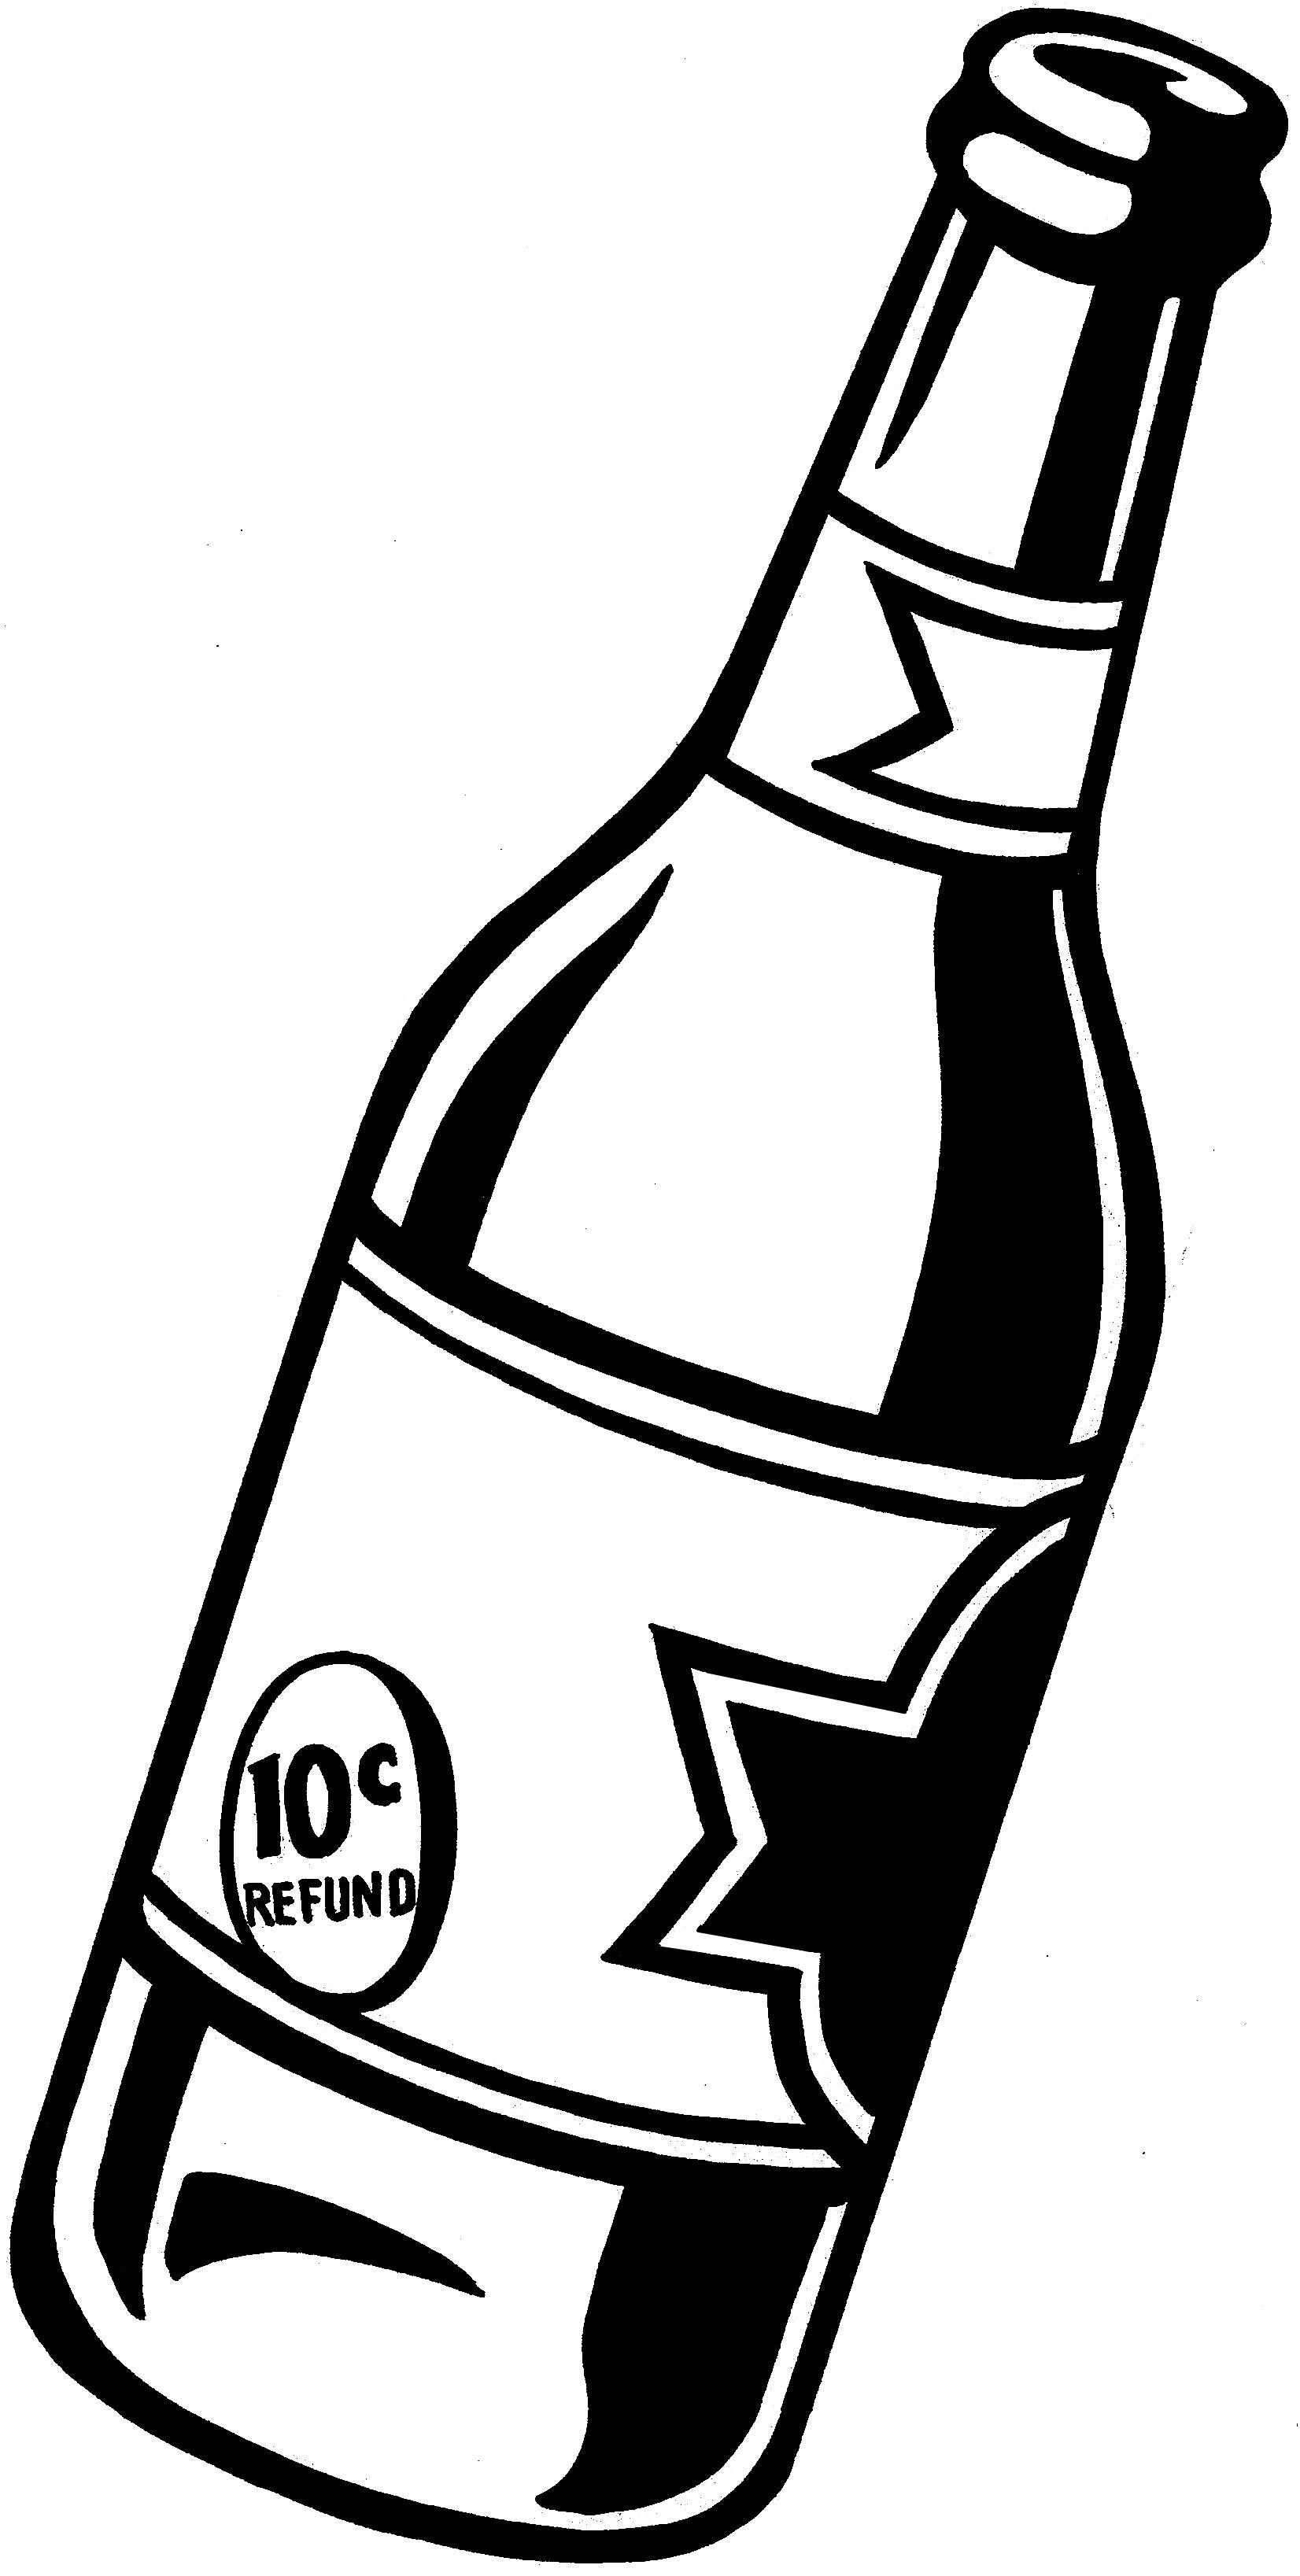 Free bottle cliparts download. Beer clipart bottled beer